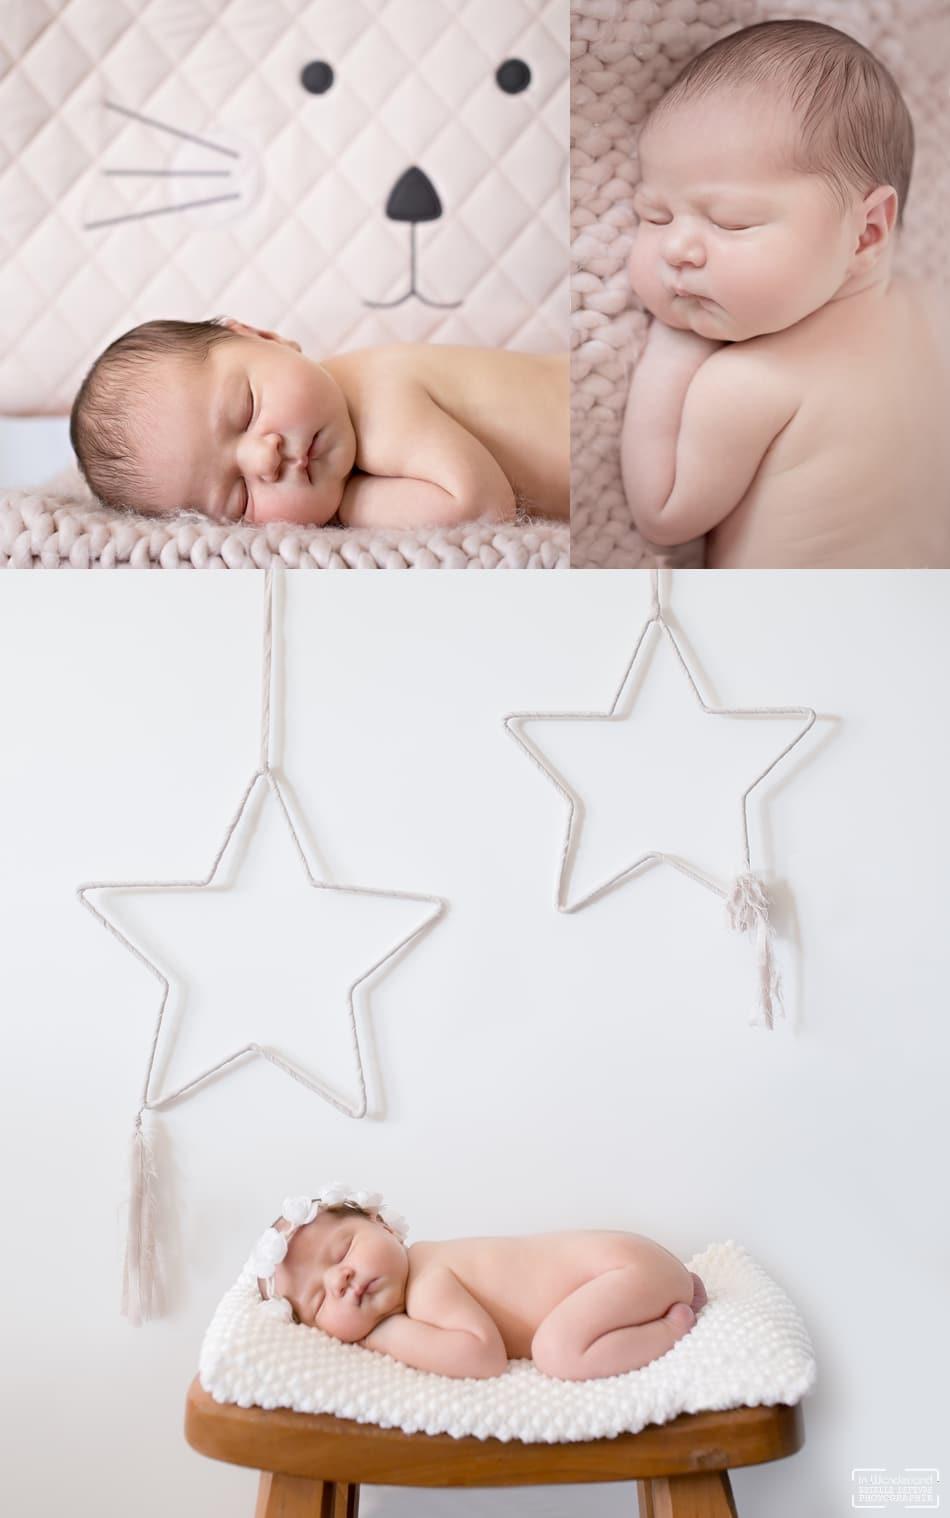 Séance photo de naissance a domicile photographe Cergy Pontoise